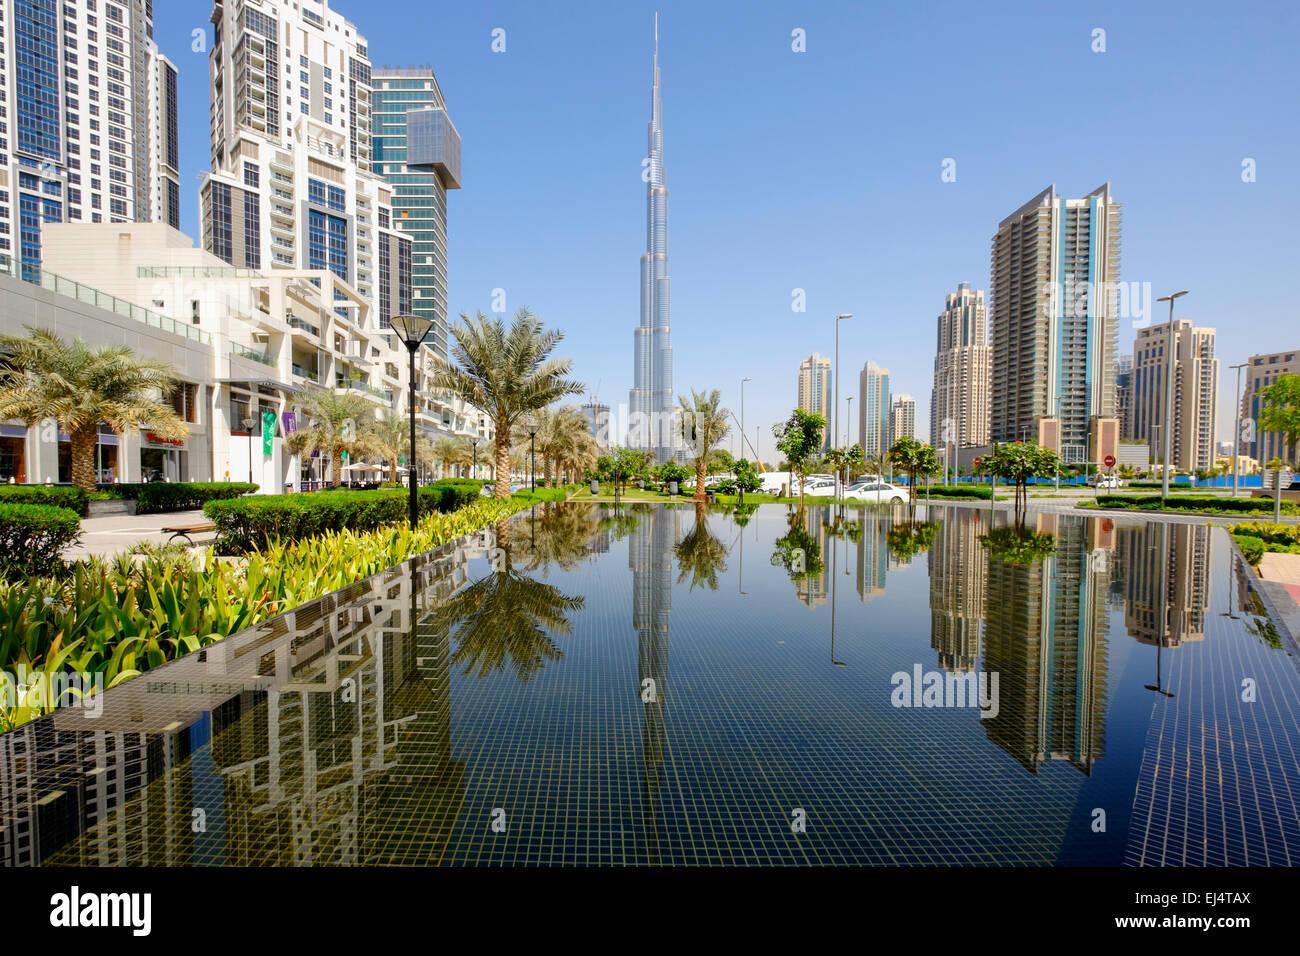 Torre Burj Khalifa reflejado en el estanque en Dubai, Emiratos Árabes Unidos Imagen De Stock